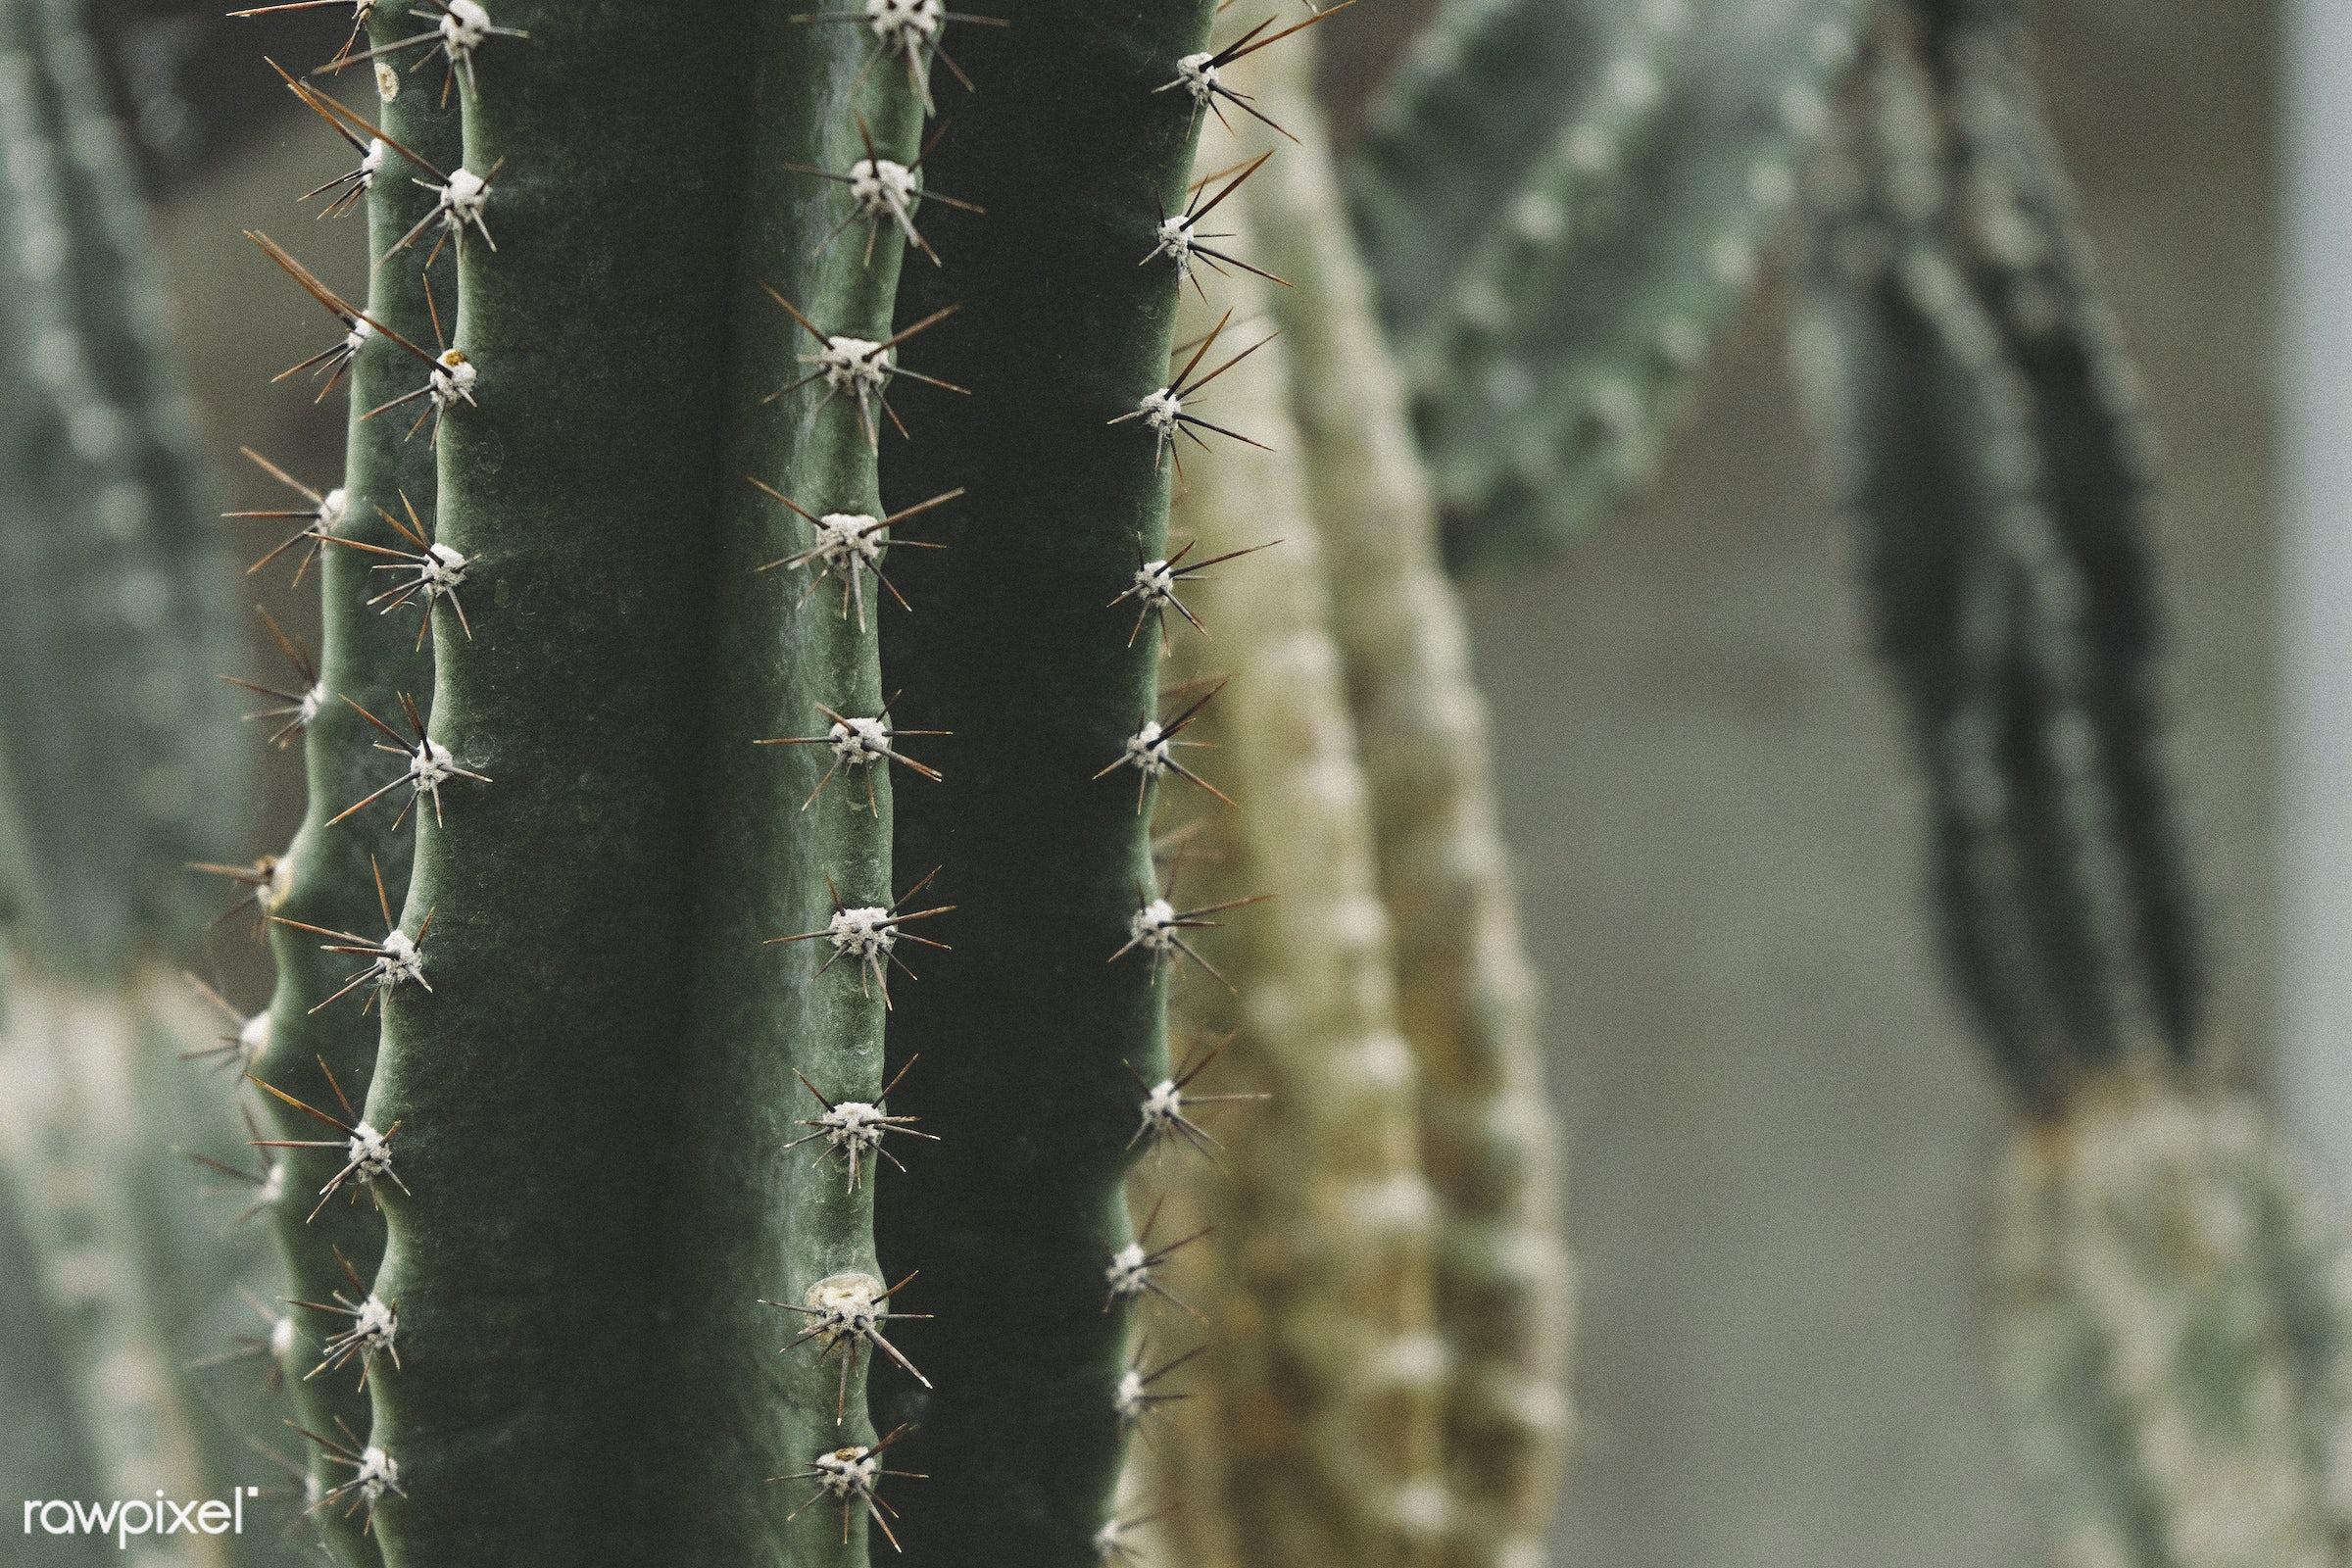 Cactus at Royal Botanical Gardens, Burlington, Canada - botanical gardens, botany, burlington, cactaceae, cacti, cactus,...